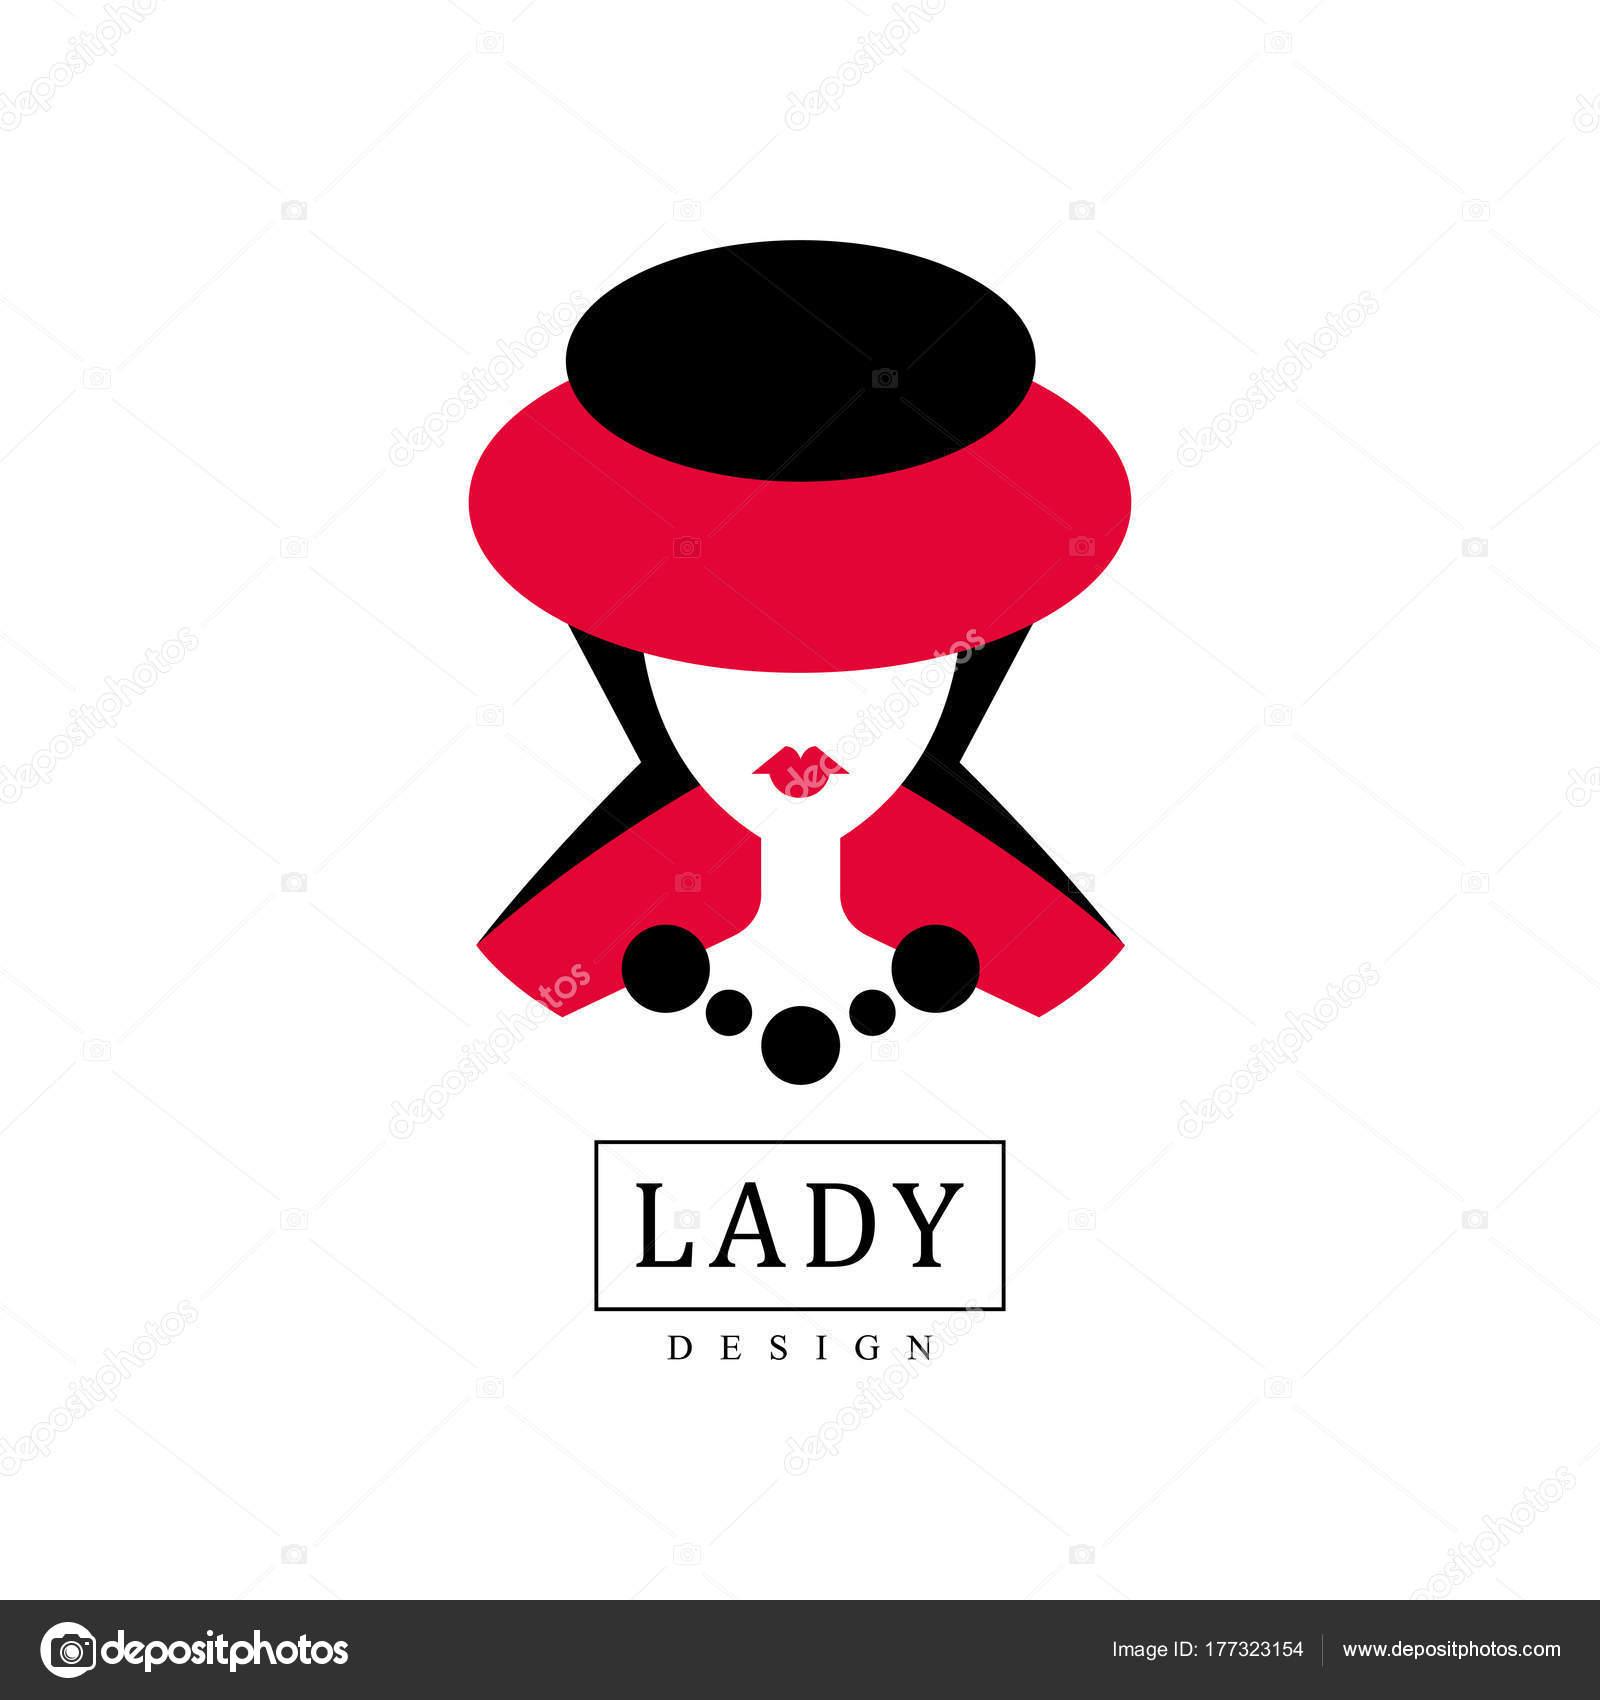 f560e9fd3afab Design de senhora, moda, salão de beleza, studio ou boutique logotipo  modelo de design, vermelho e preto moda cartaz, cartaz, banner, retrato de uma  jovem ...